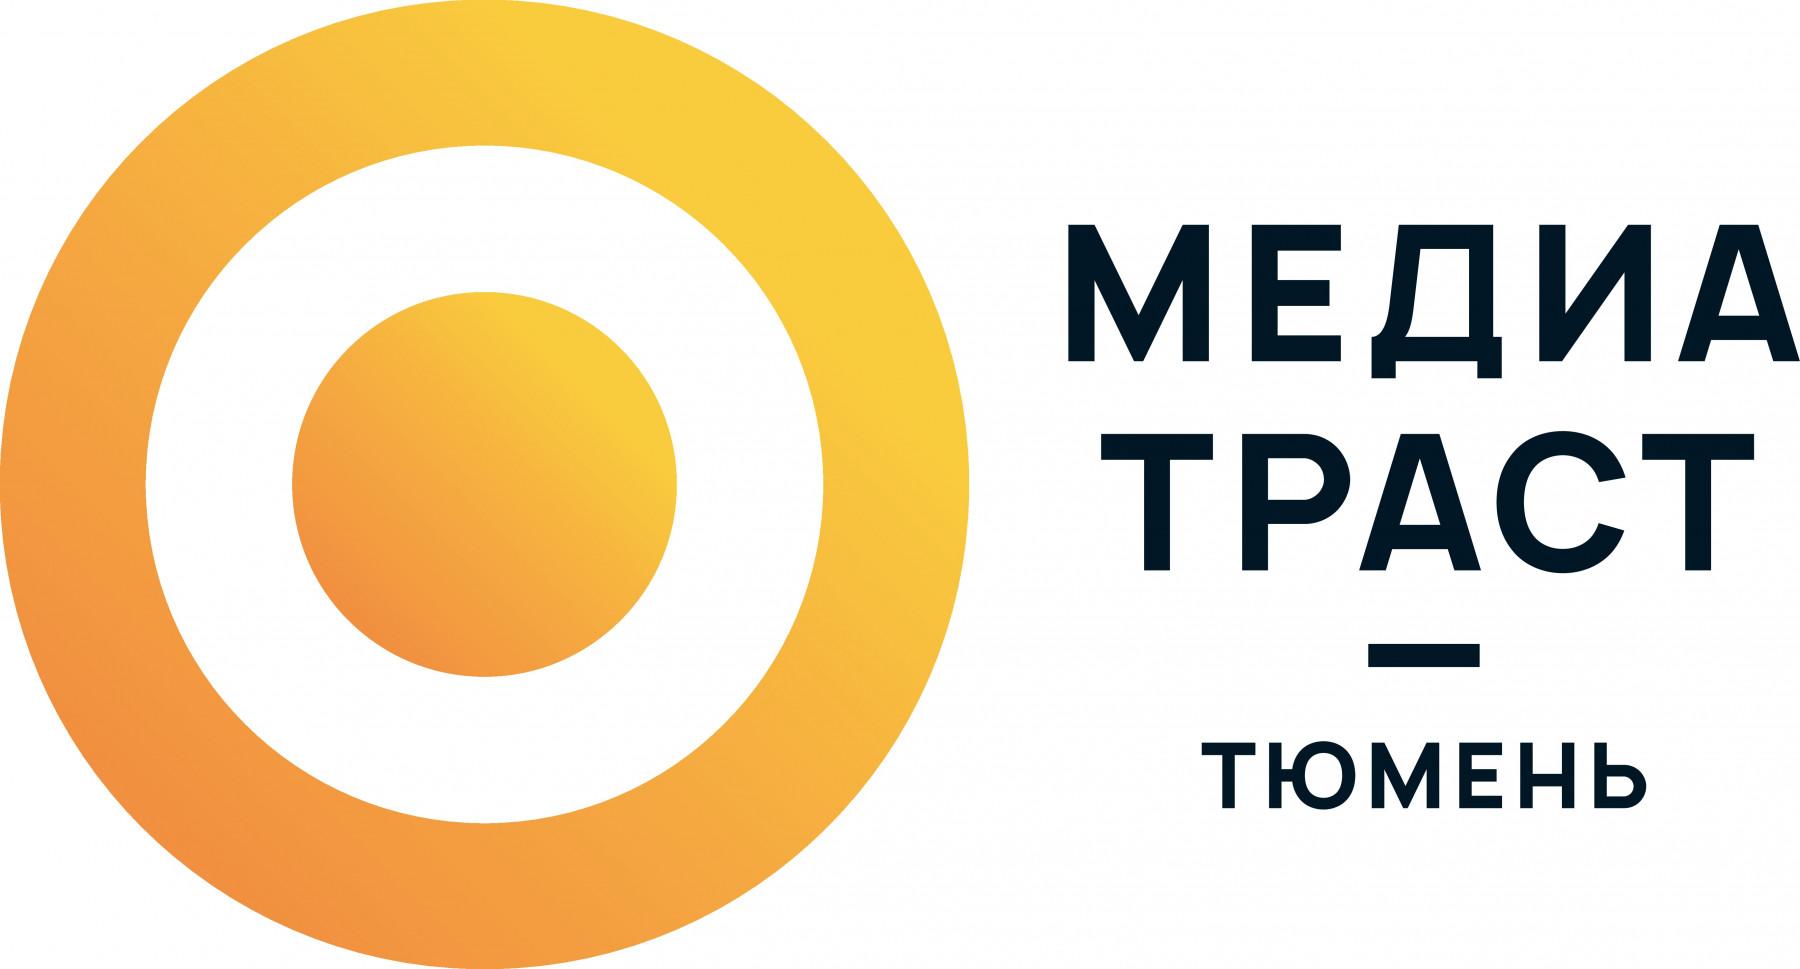 Media-Trast_gor_1